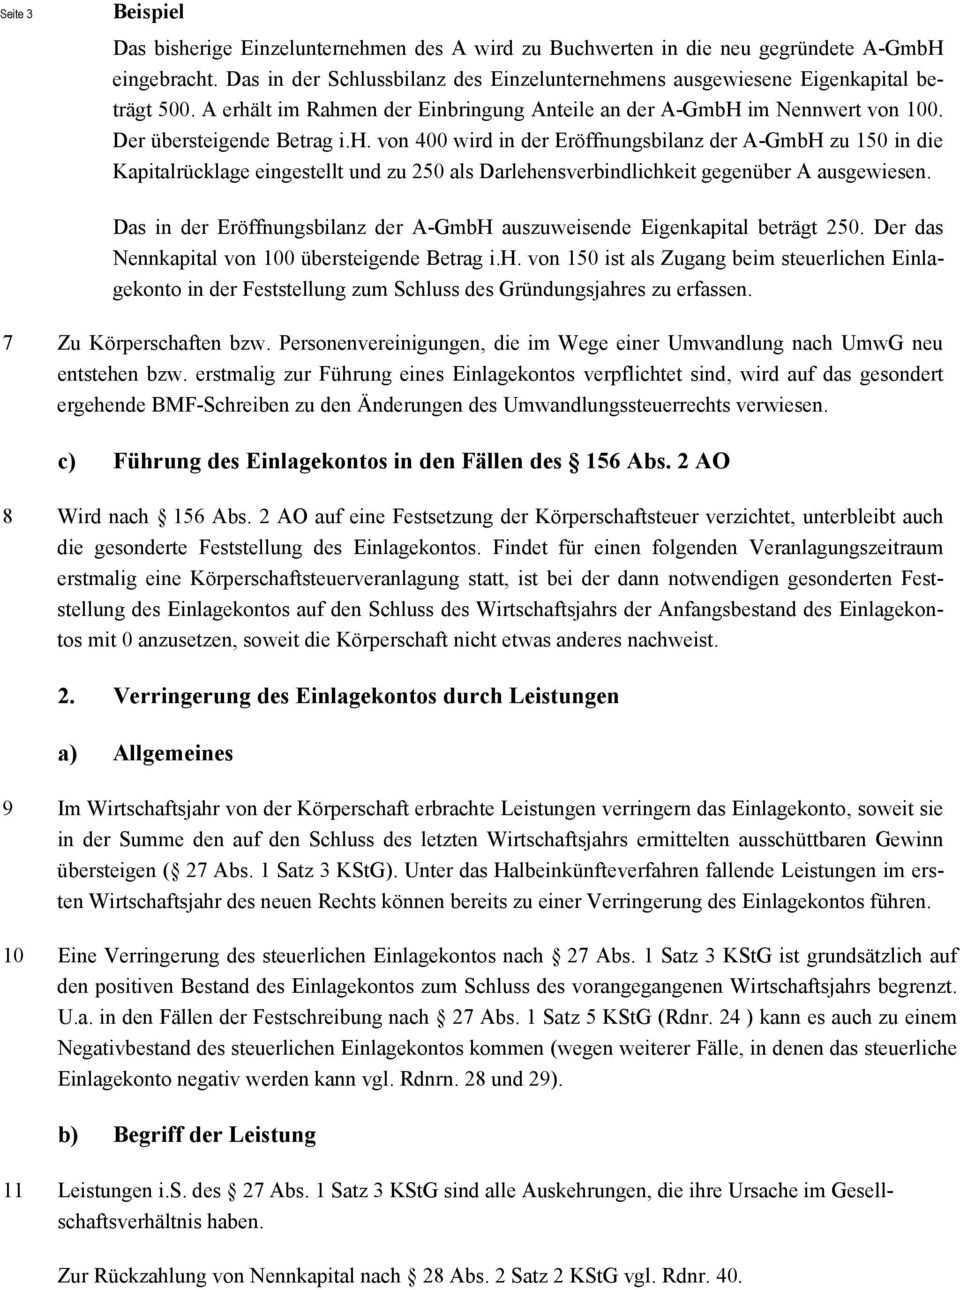 Steuerliches Einlagekonto Anwendung Der 27 Und 28 Kstg 2002 Pdf Kostenfreier Download